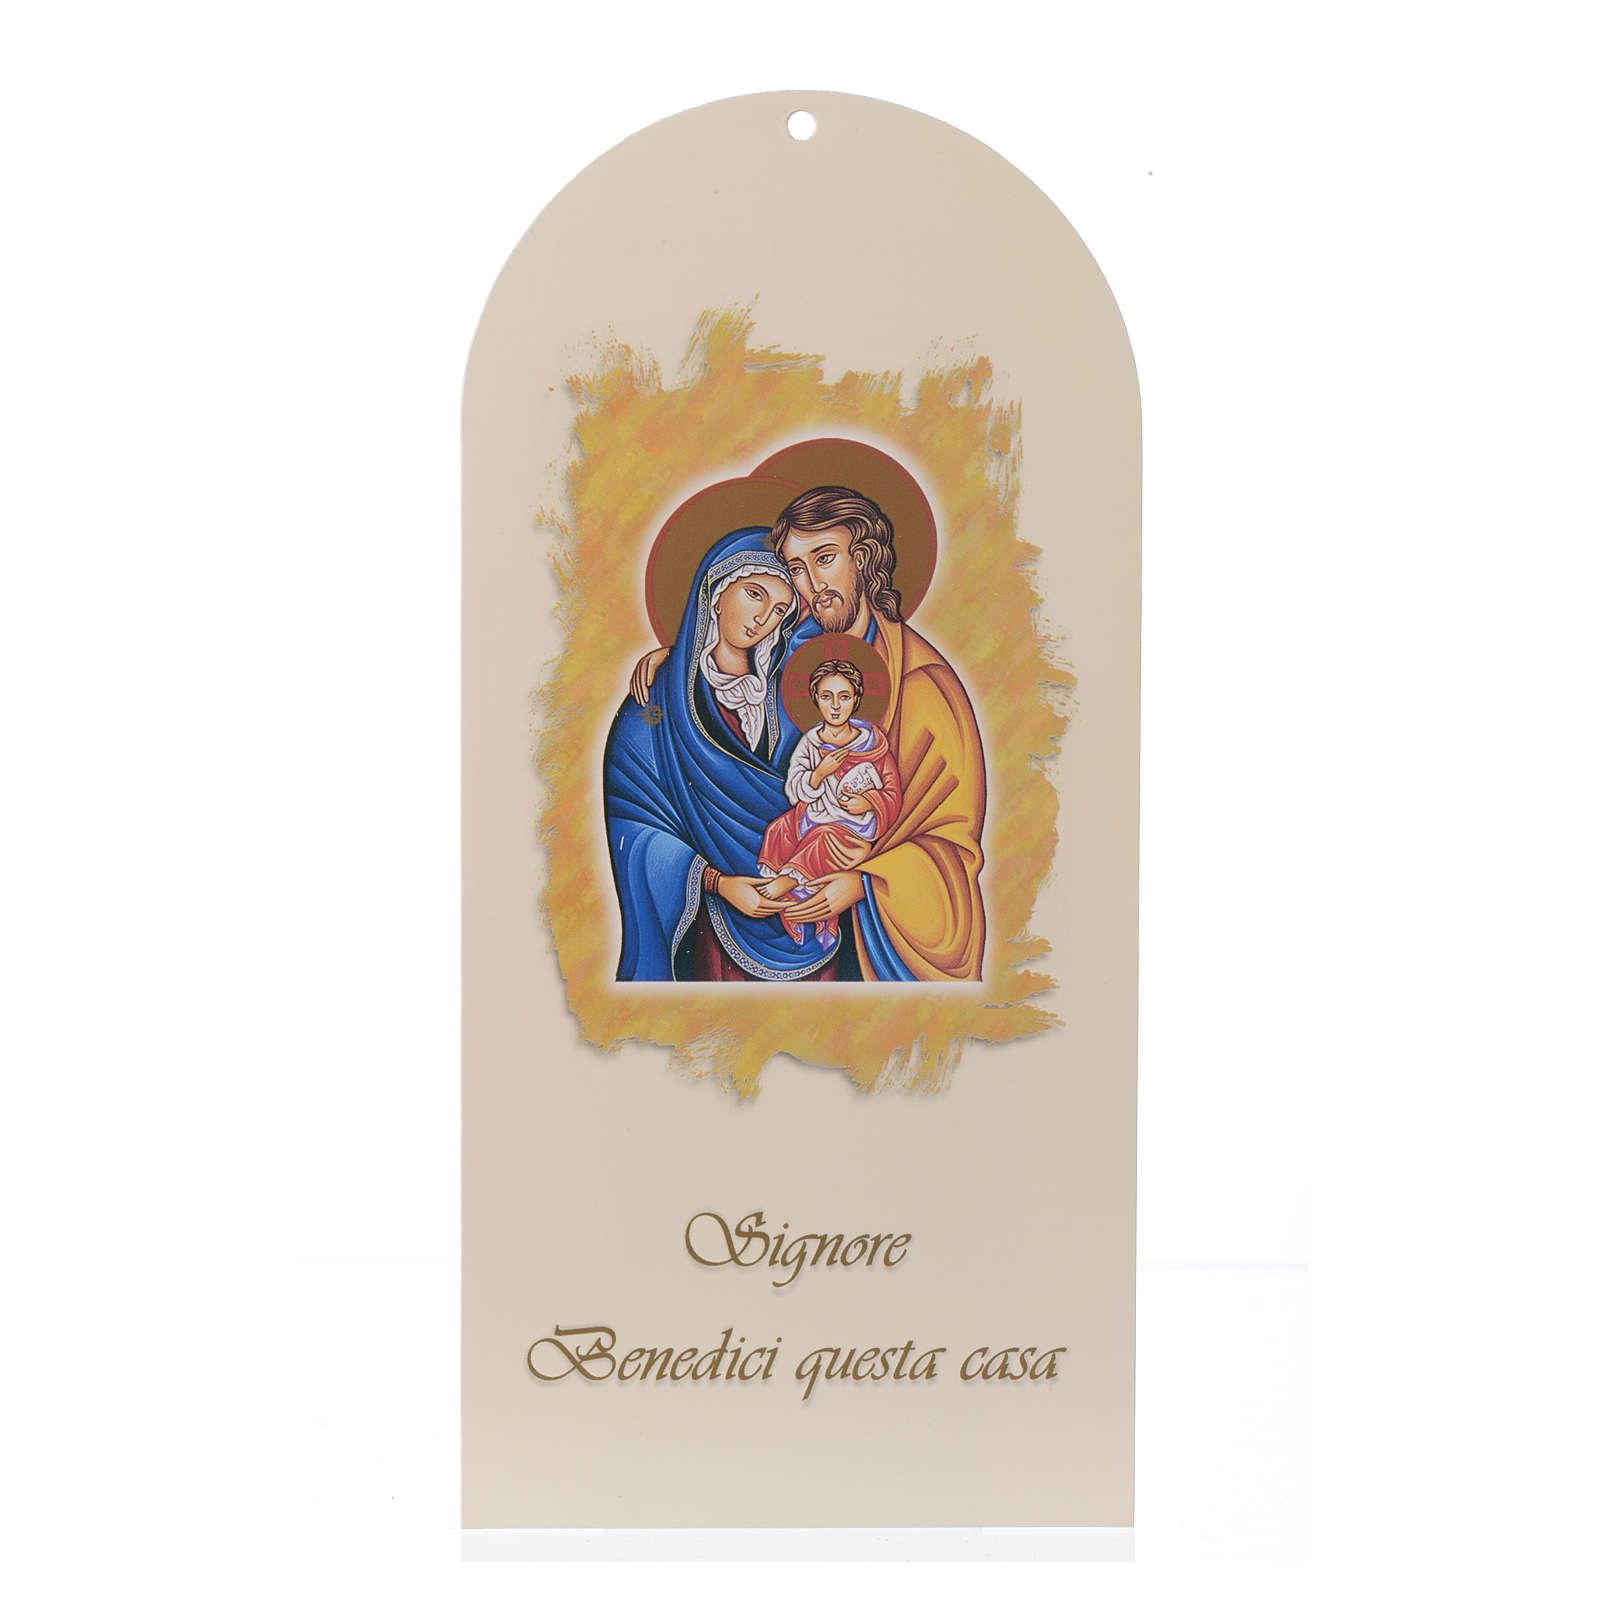 Benedizione casa: Sacra Famiglia con preghiera (100 pz.) 3